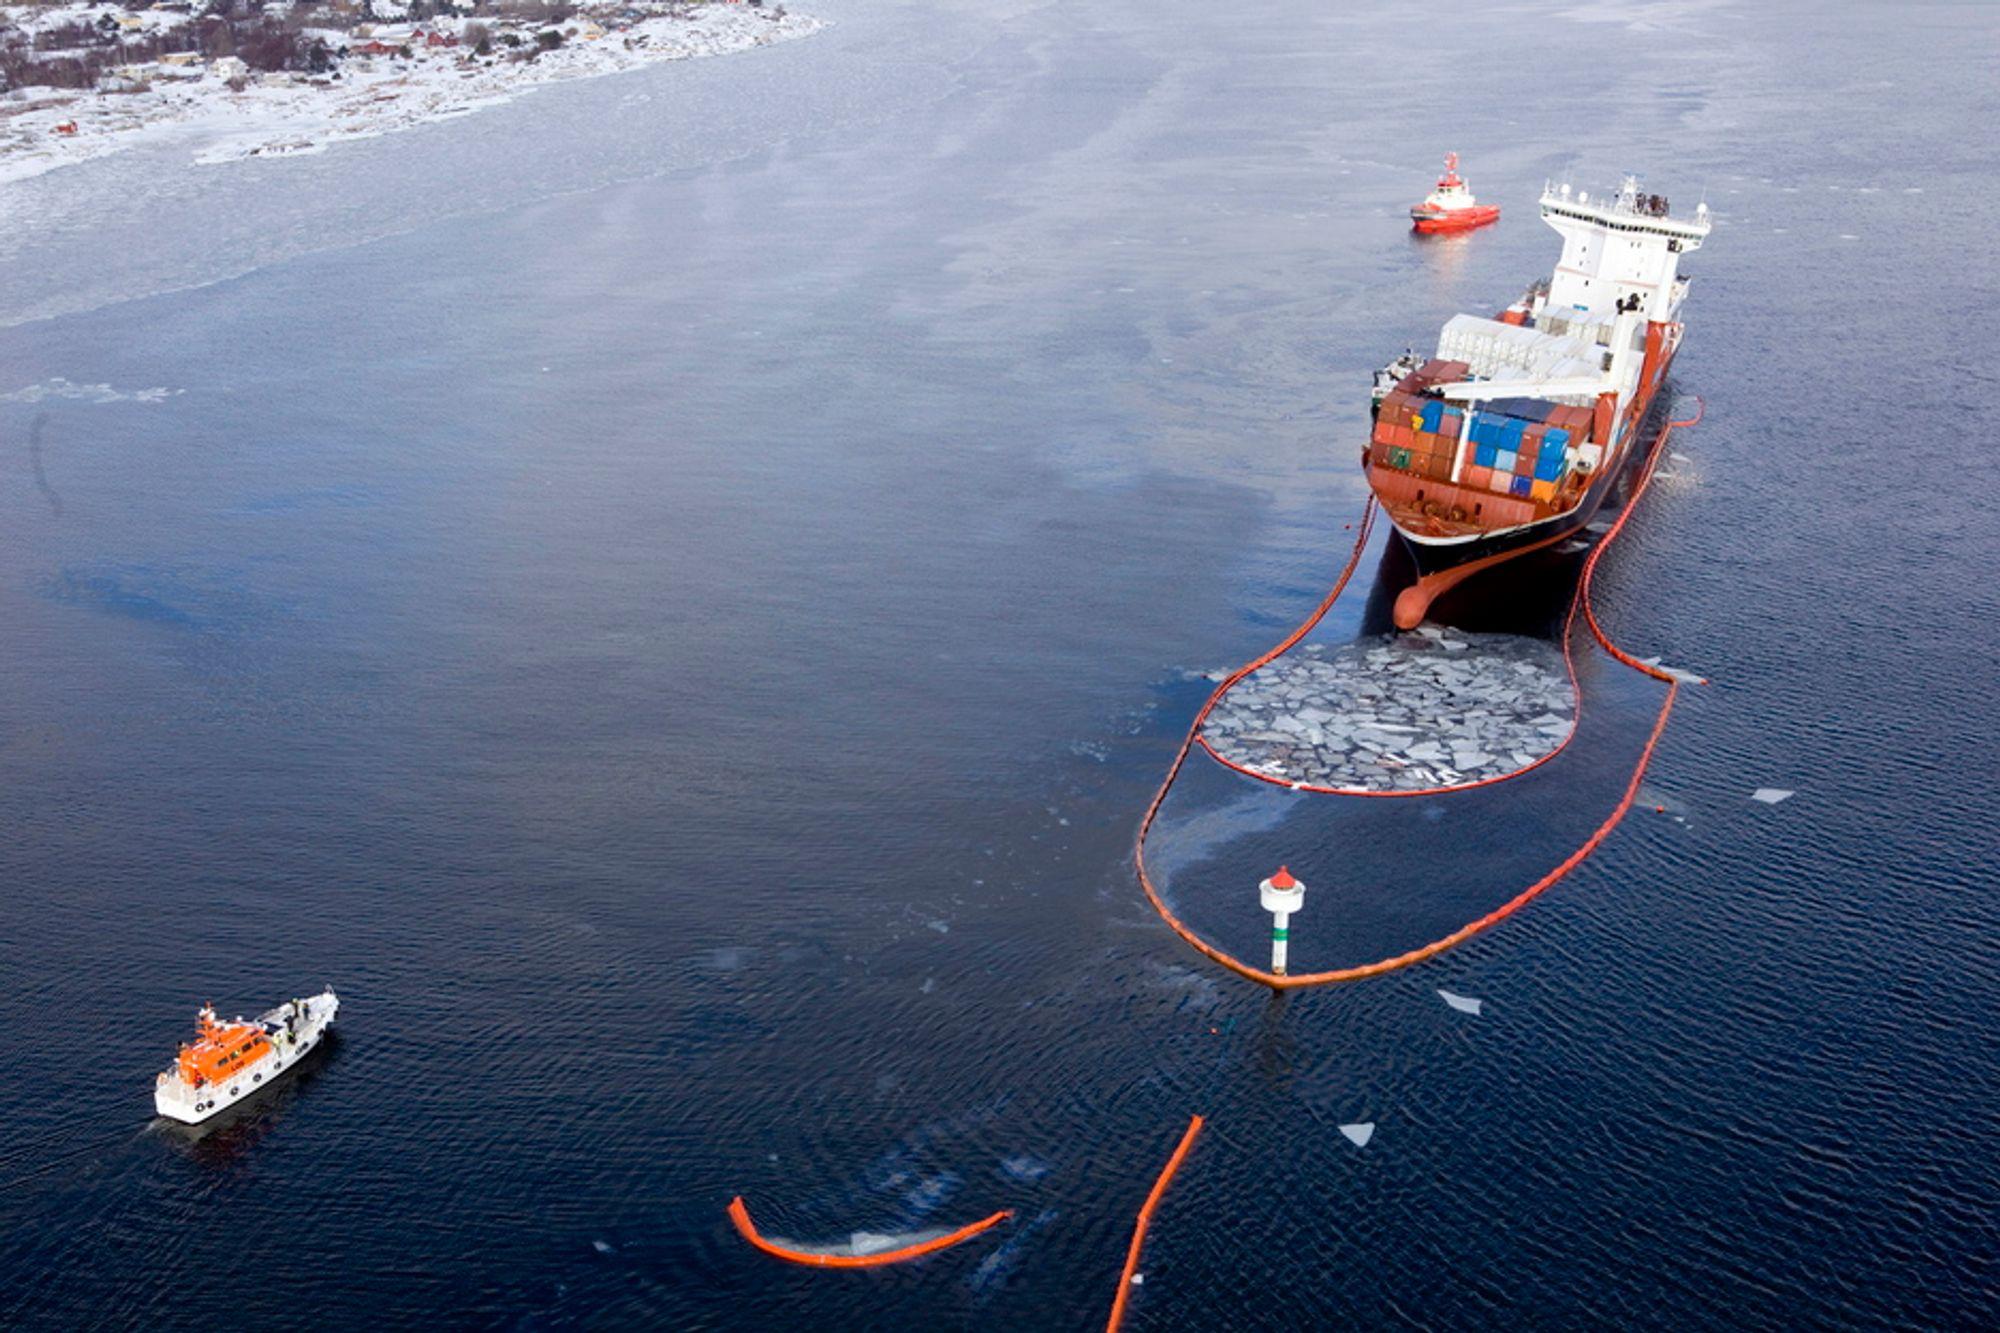 RETT PÅ: Godafoss gik krett på Kværnskjærgrunnen ved fyret om kvelden 17. mars. losen hadde forlatt skipet, før losgrensen.